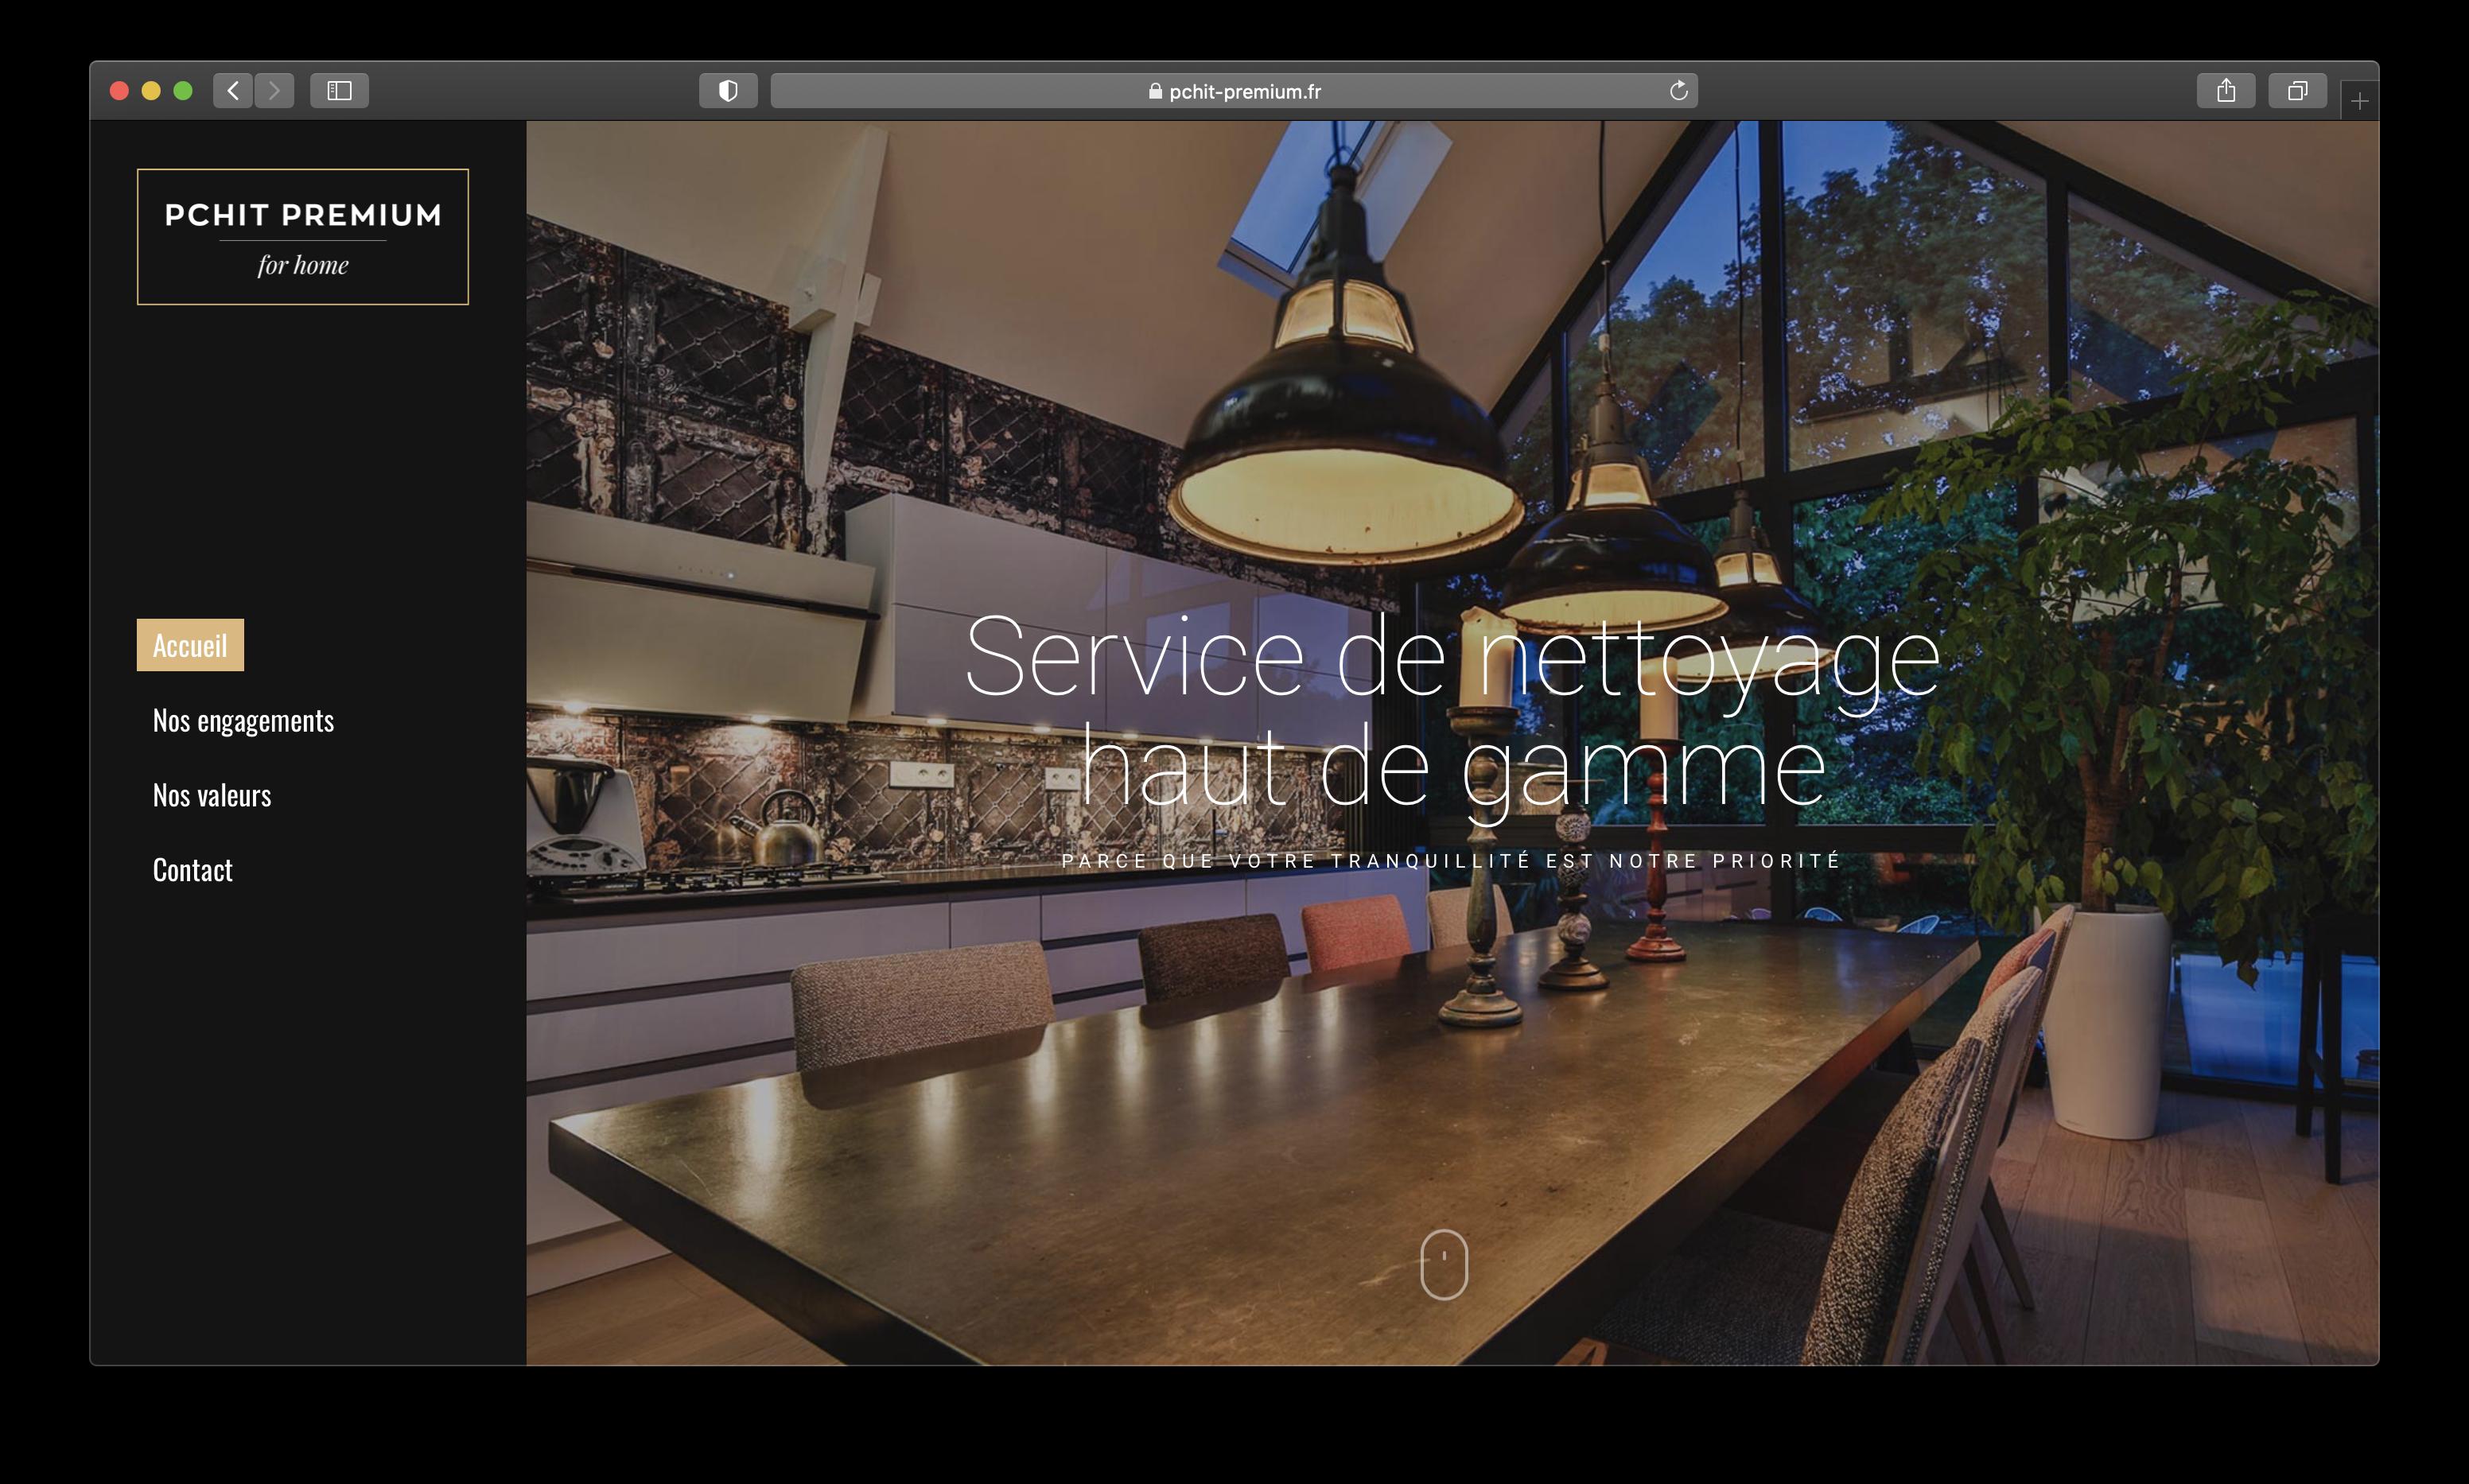 Création du site internet de l'entreprise Pchit Premium à Betton, par l'agence Suzette - Rennes.